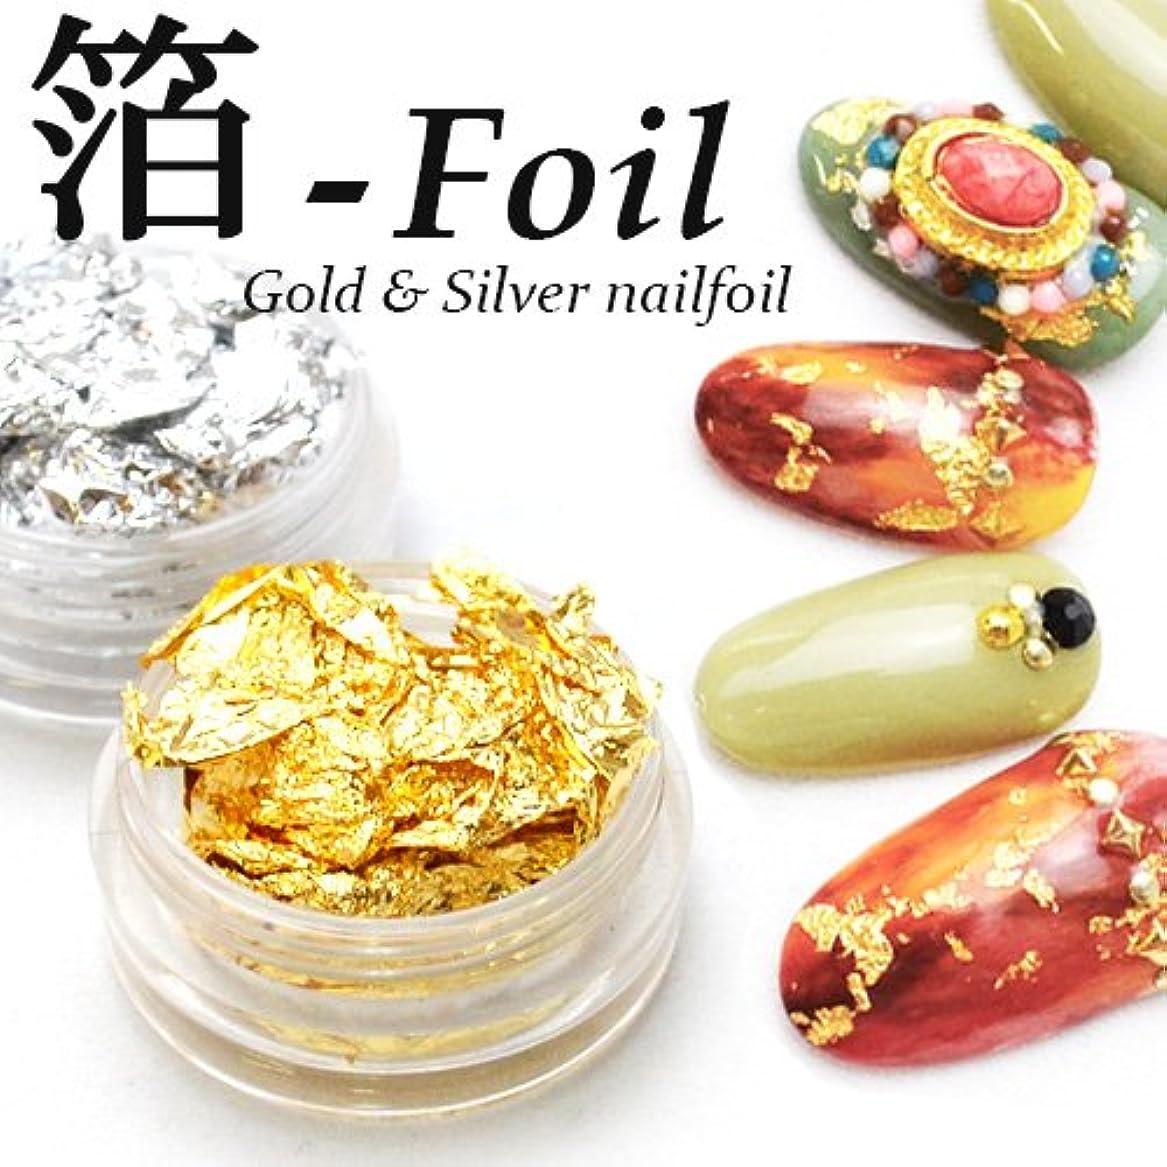 旧正月ピーク魚金箔 ケース入り ジェルネイル用品 ゴールド